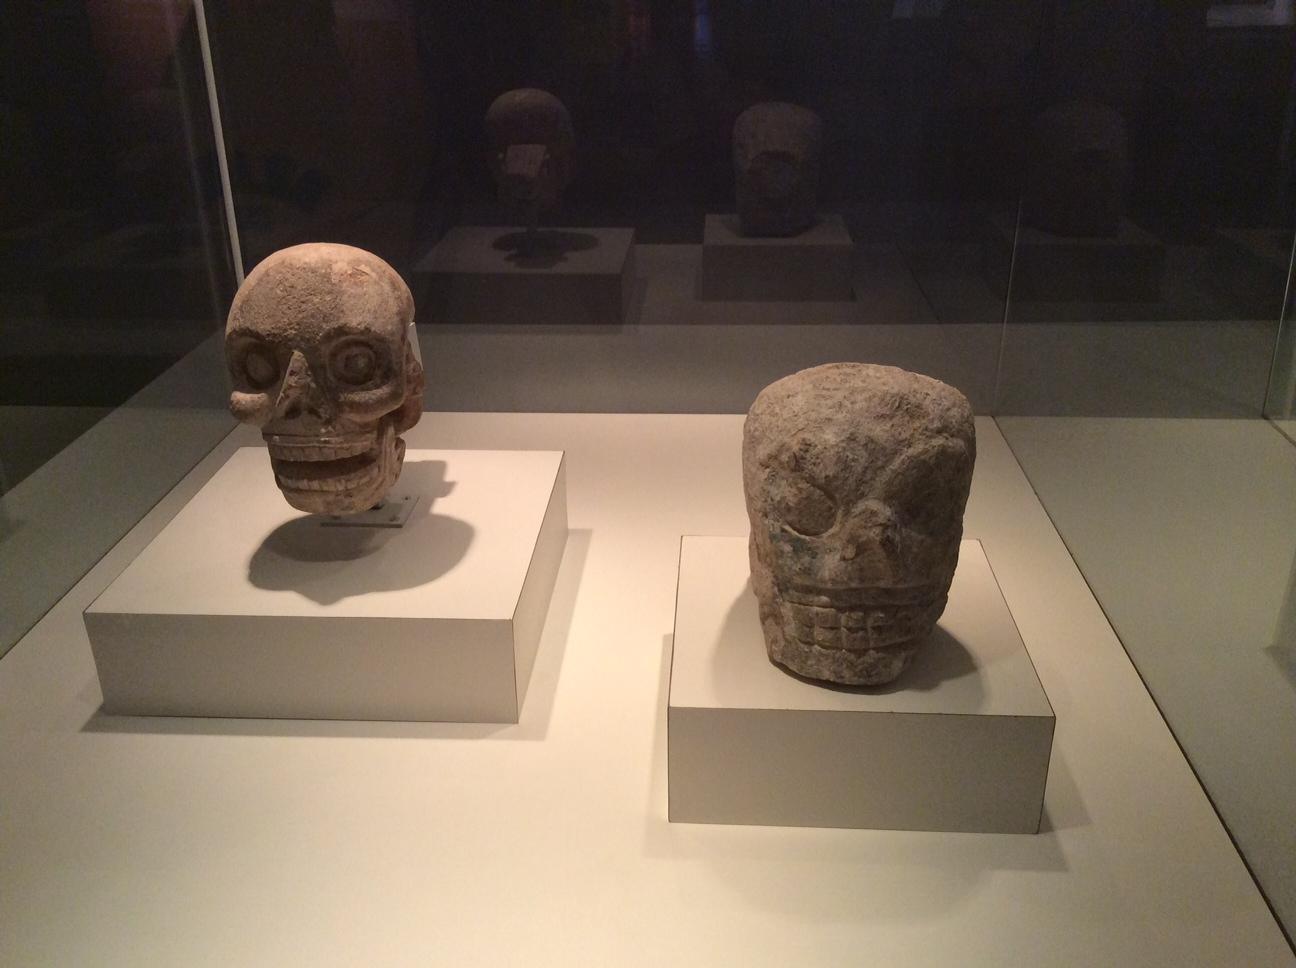 MAYAS, Elemento Arquitetônico, Pedra calcária, procedência desconhecida, 900 – 1250 d.C., Museu Regional de Antropologia, Palácio Cantón, Mérica, Iucatã, México